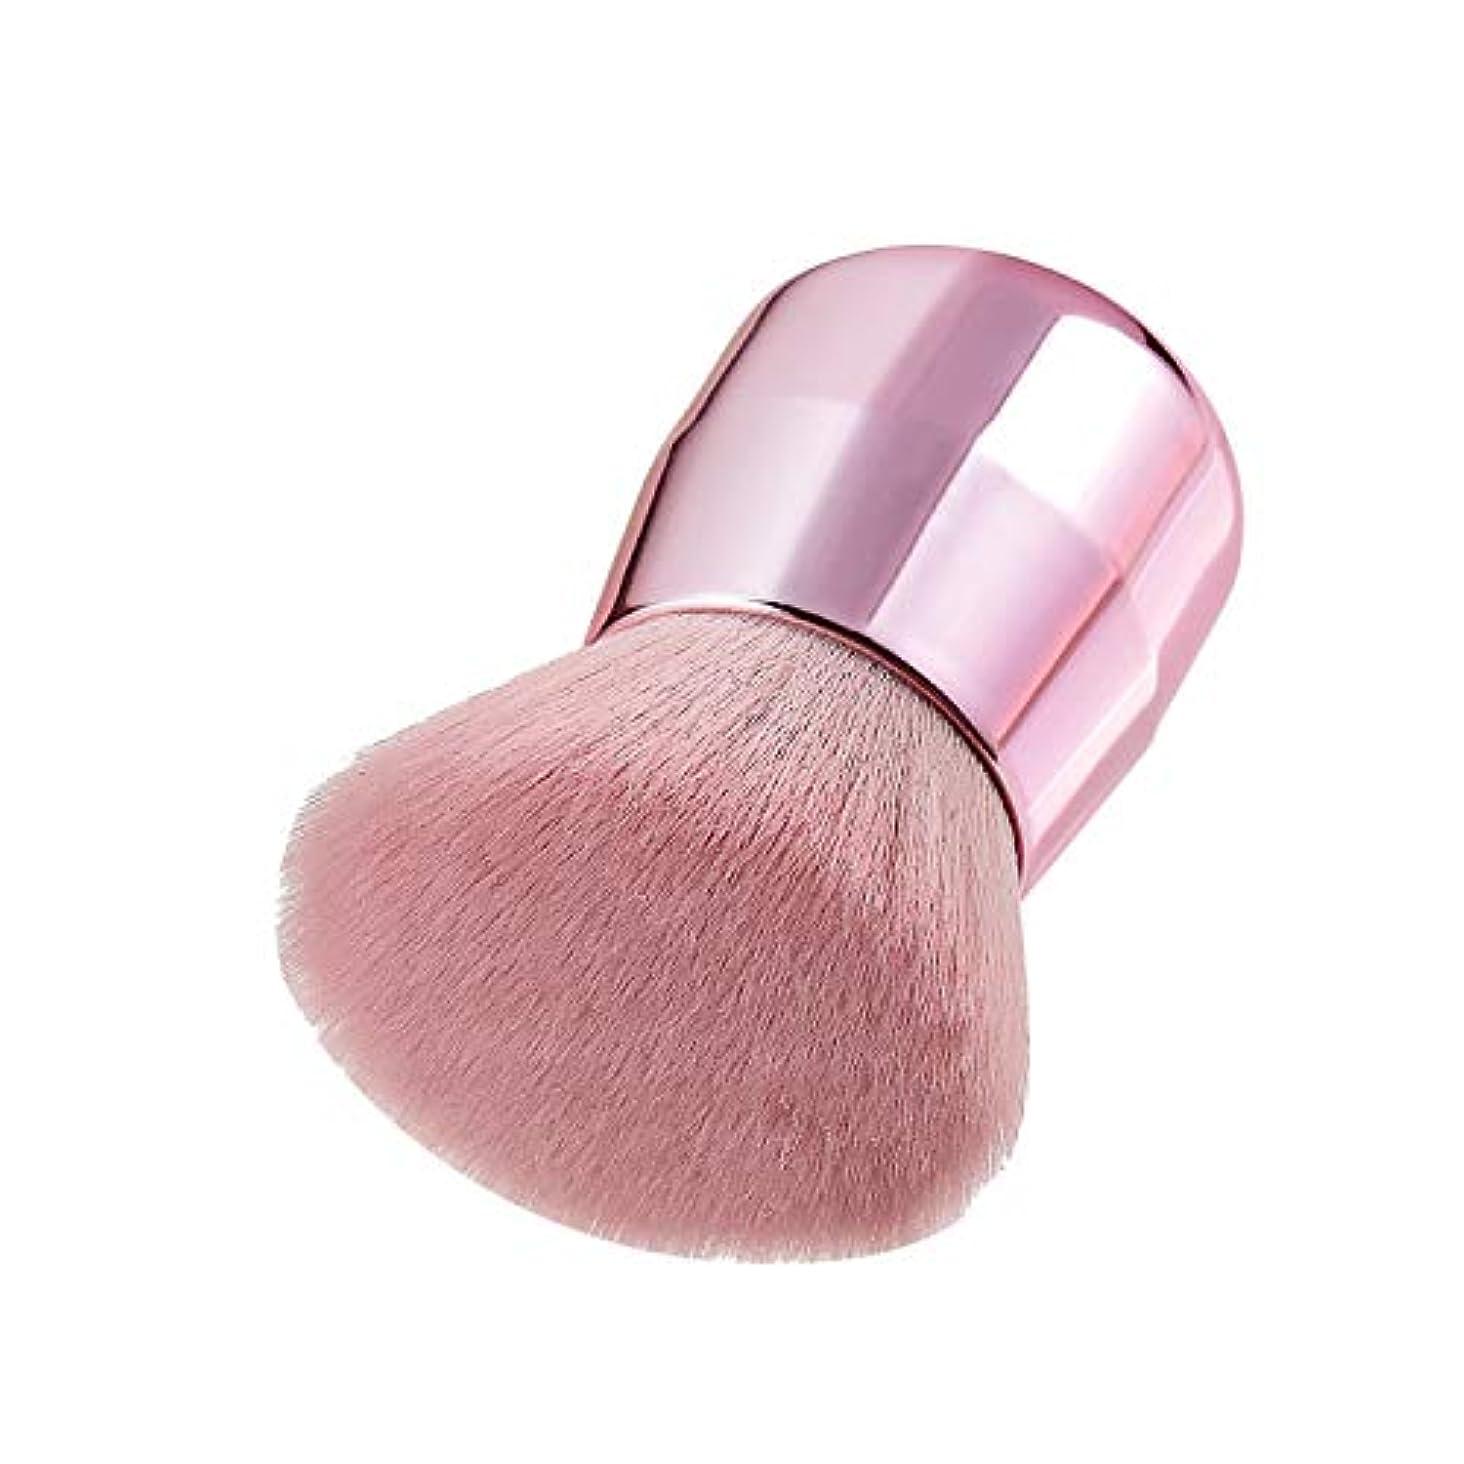 Makeup brushes ピンクのティルティングパウダーブラシポータブル著名な化粧ブラシハニーパウダーブラシブラッシュブラシ suits (Color : Rose Gold)